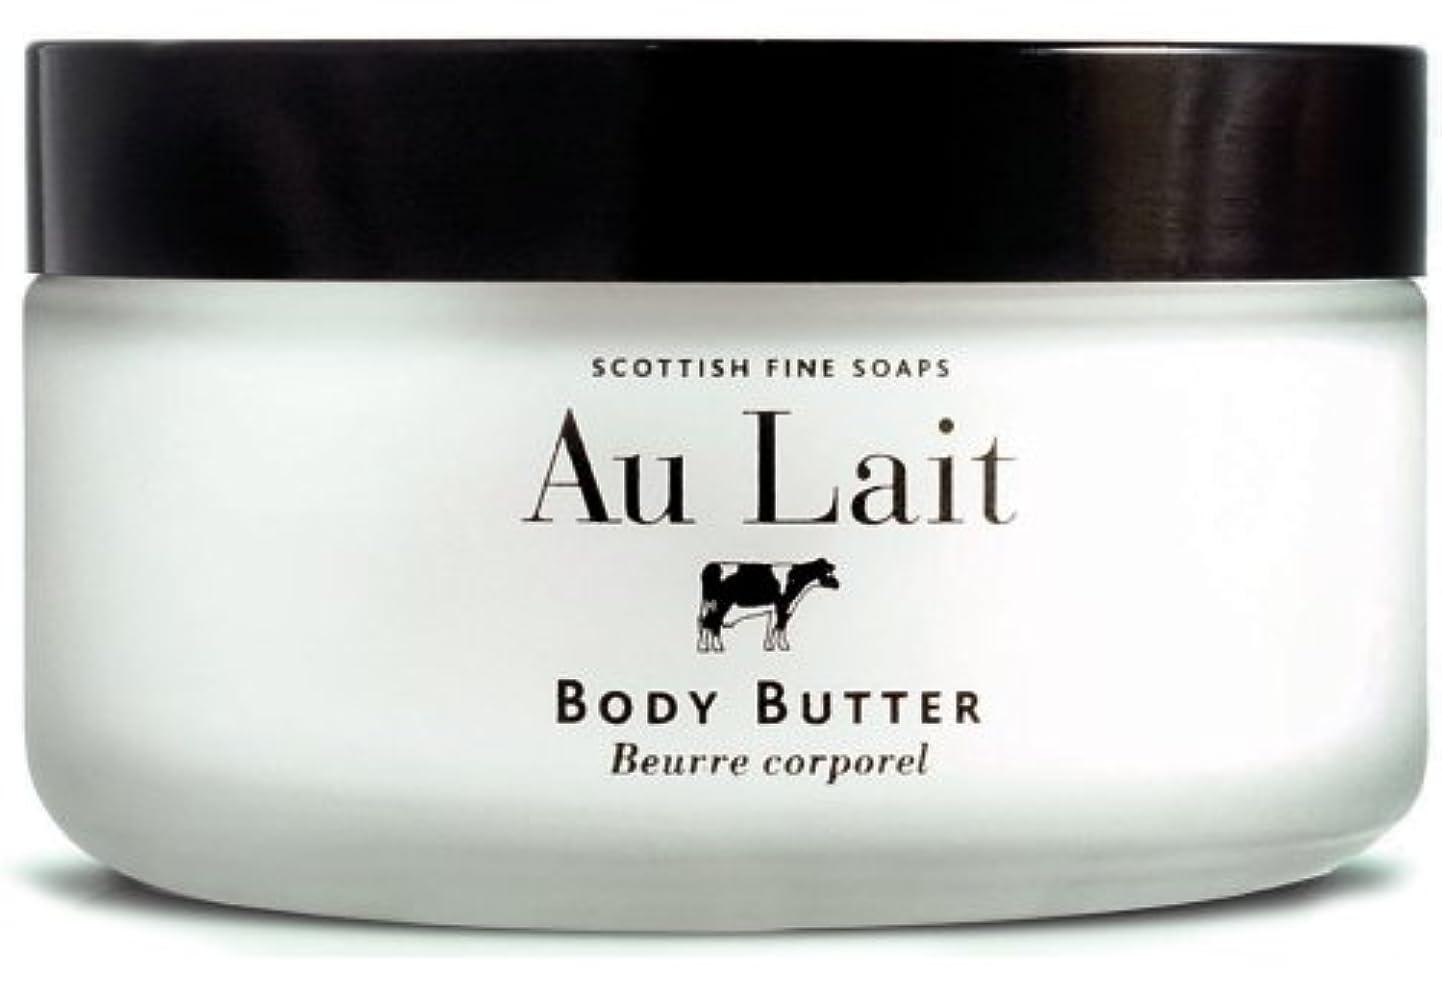 句爪メッセージSCOTTISH FINE SOAPS (スコティッシュファインソープ) Au Lait ボディバター